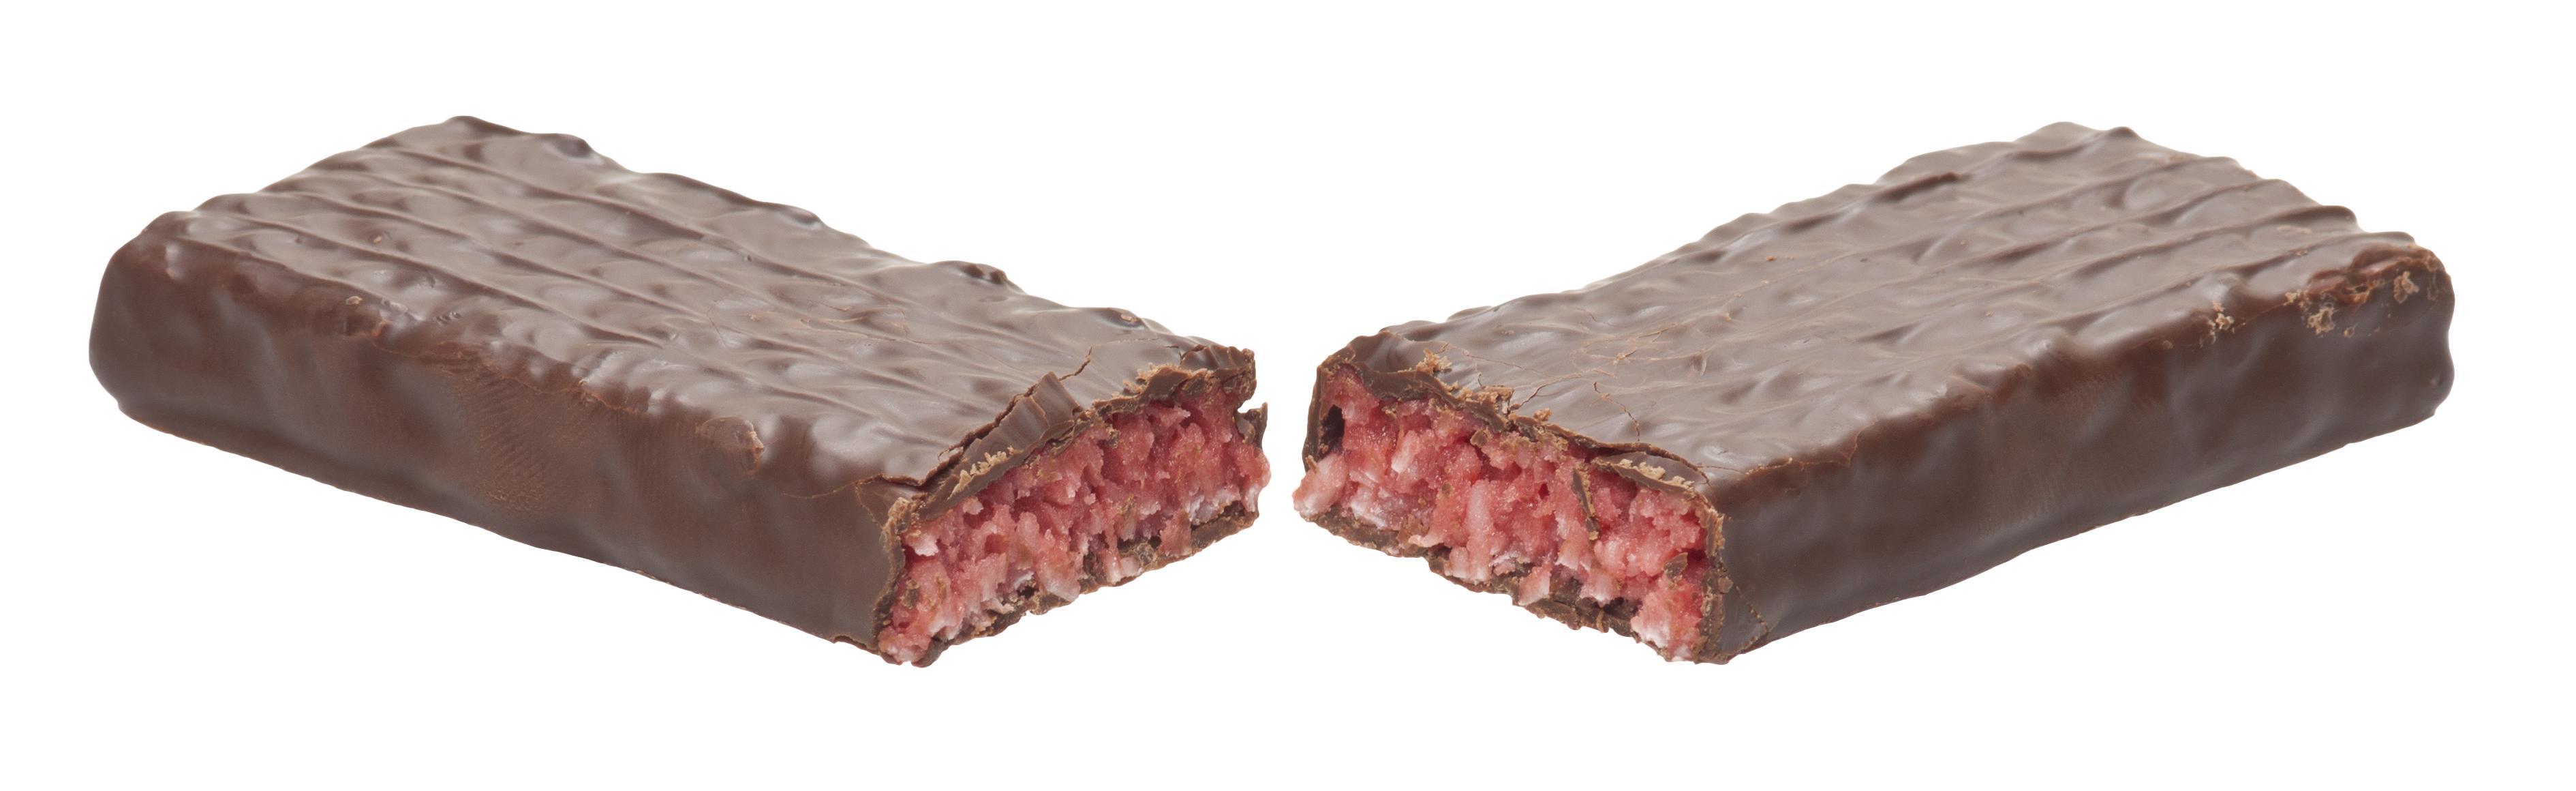 Cherry Ripe Chocolate Cake